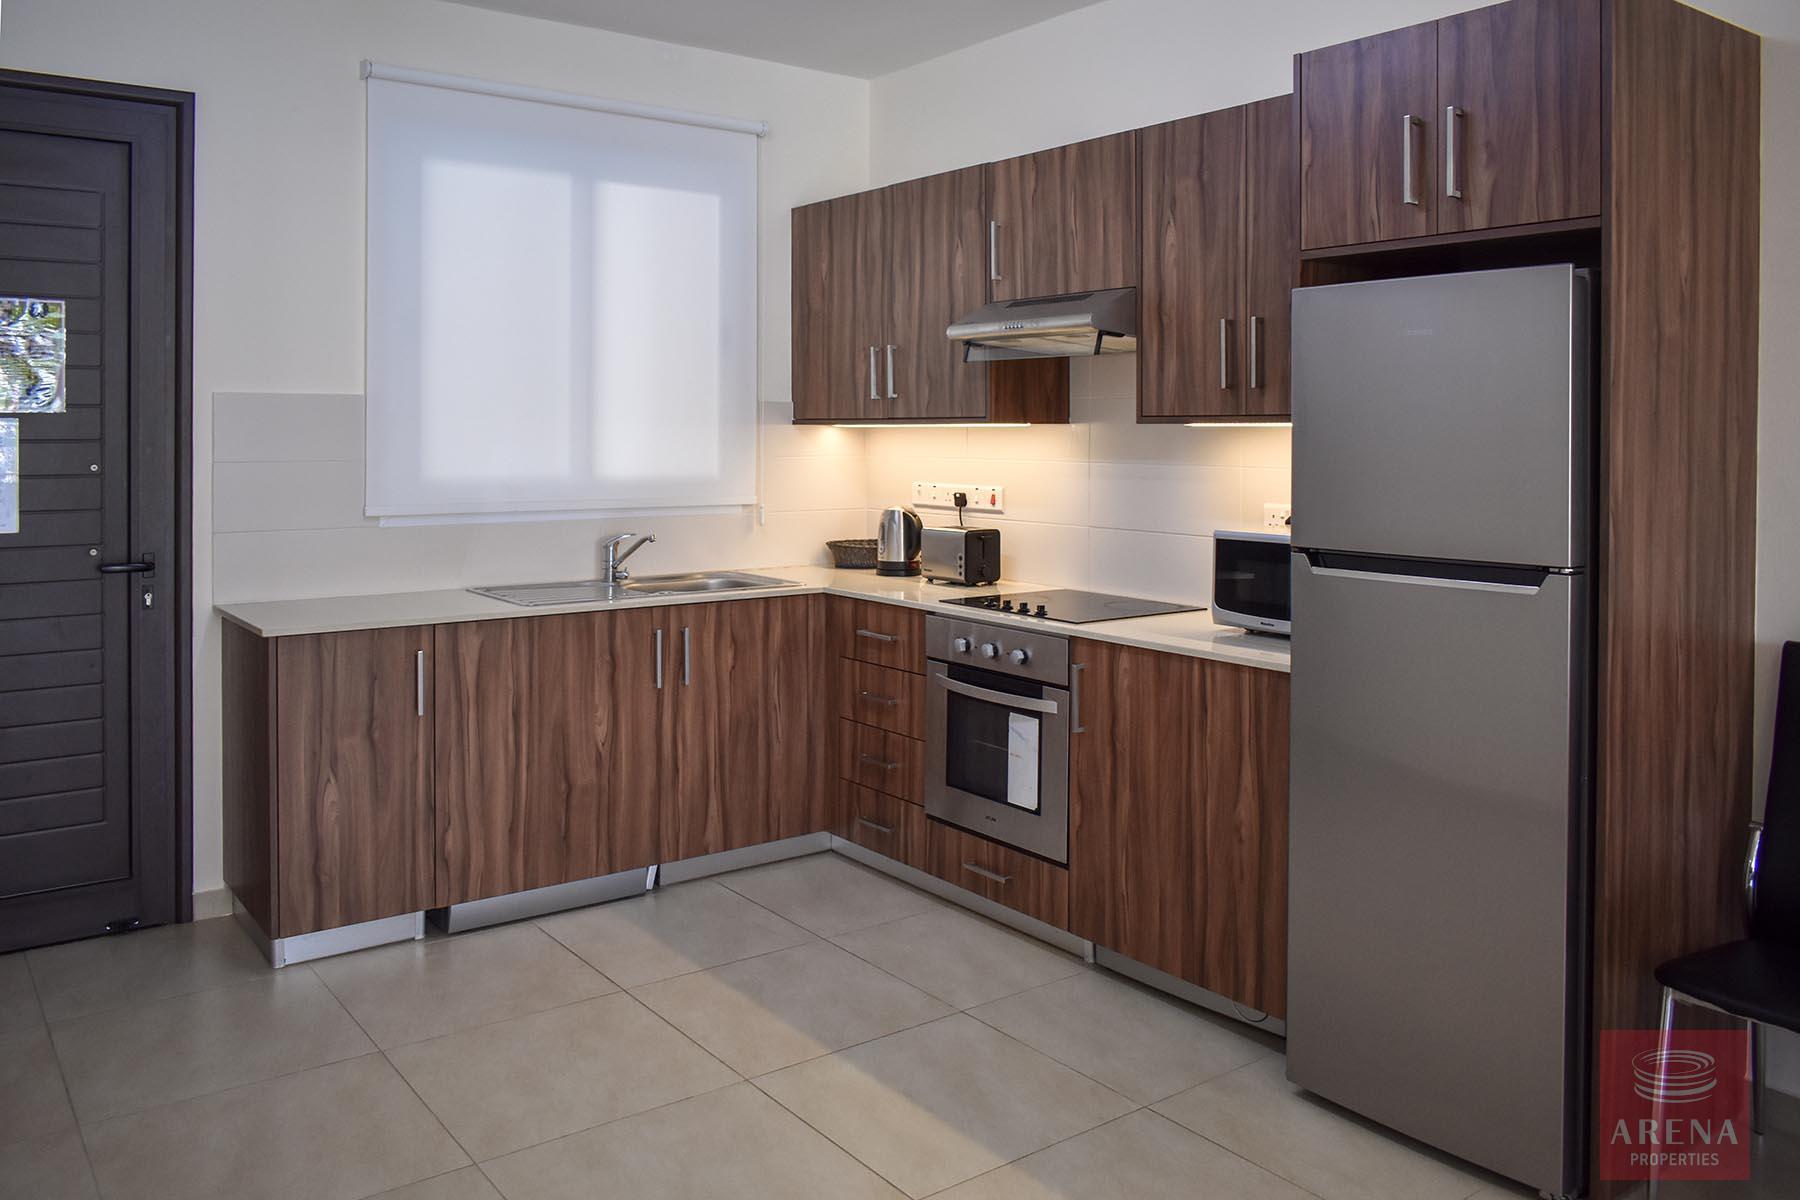 Ground Floor Apartment in Kapparis- kitchen